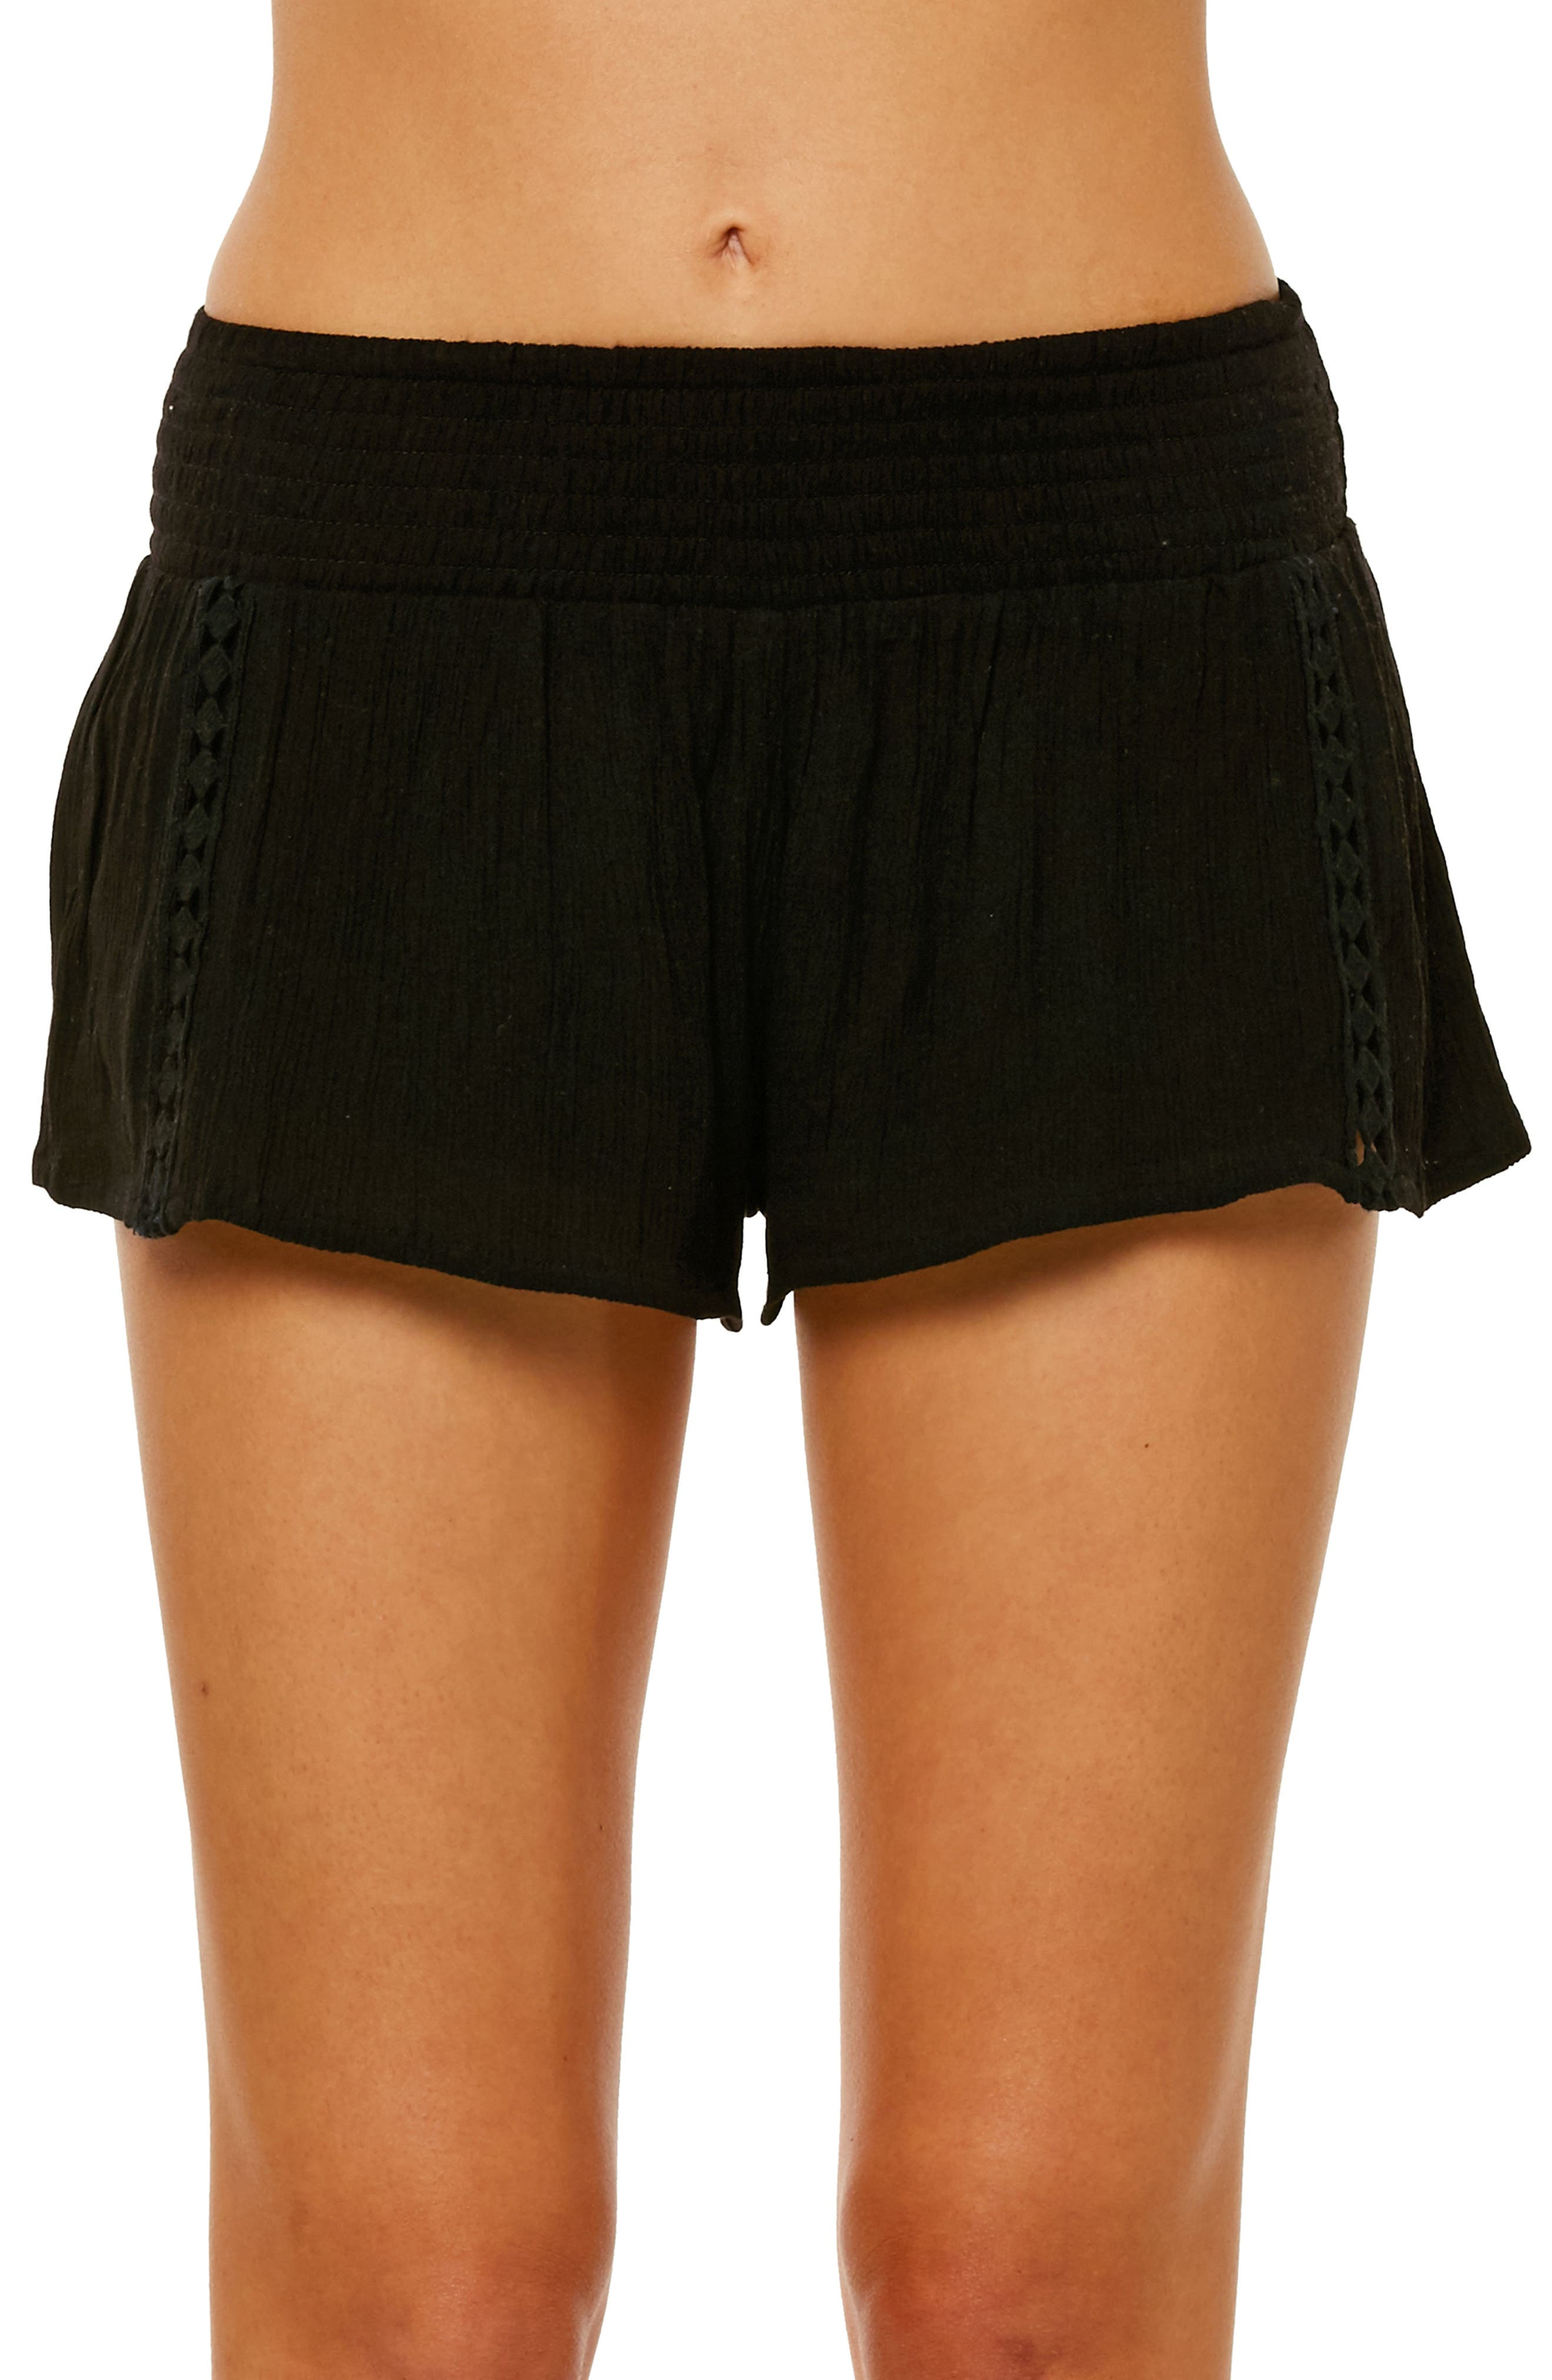 Elise Crochet Trim Shorts,                         Main,                         color, Black